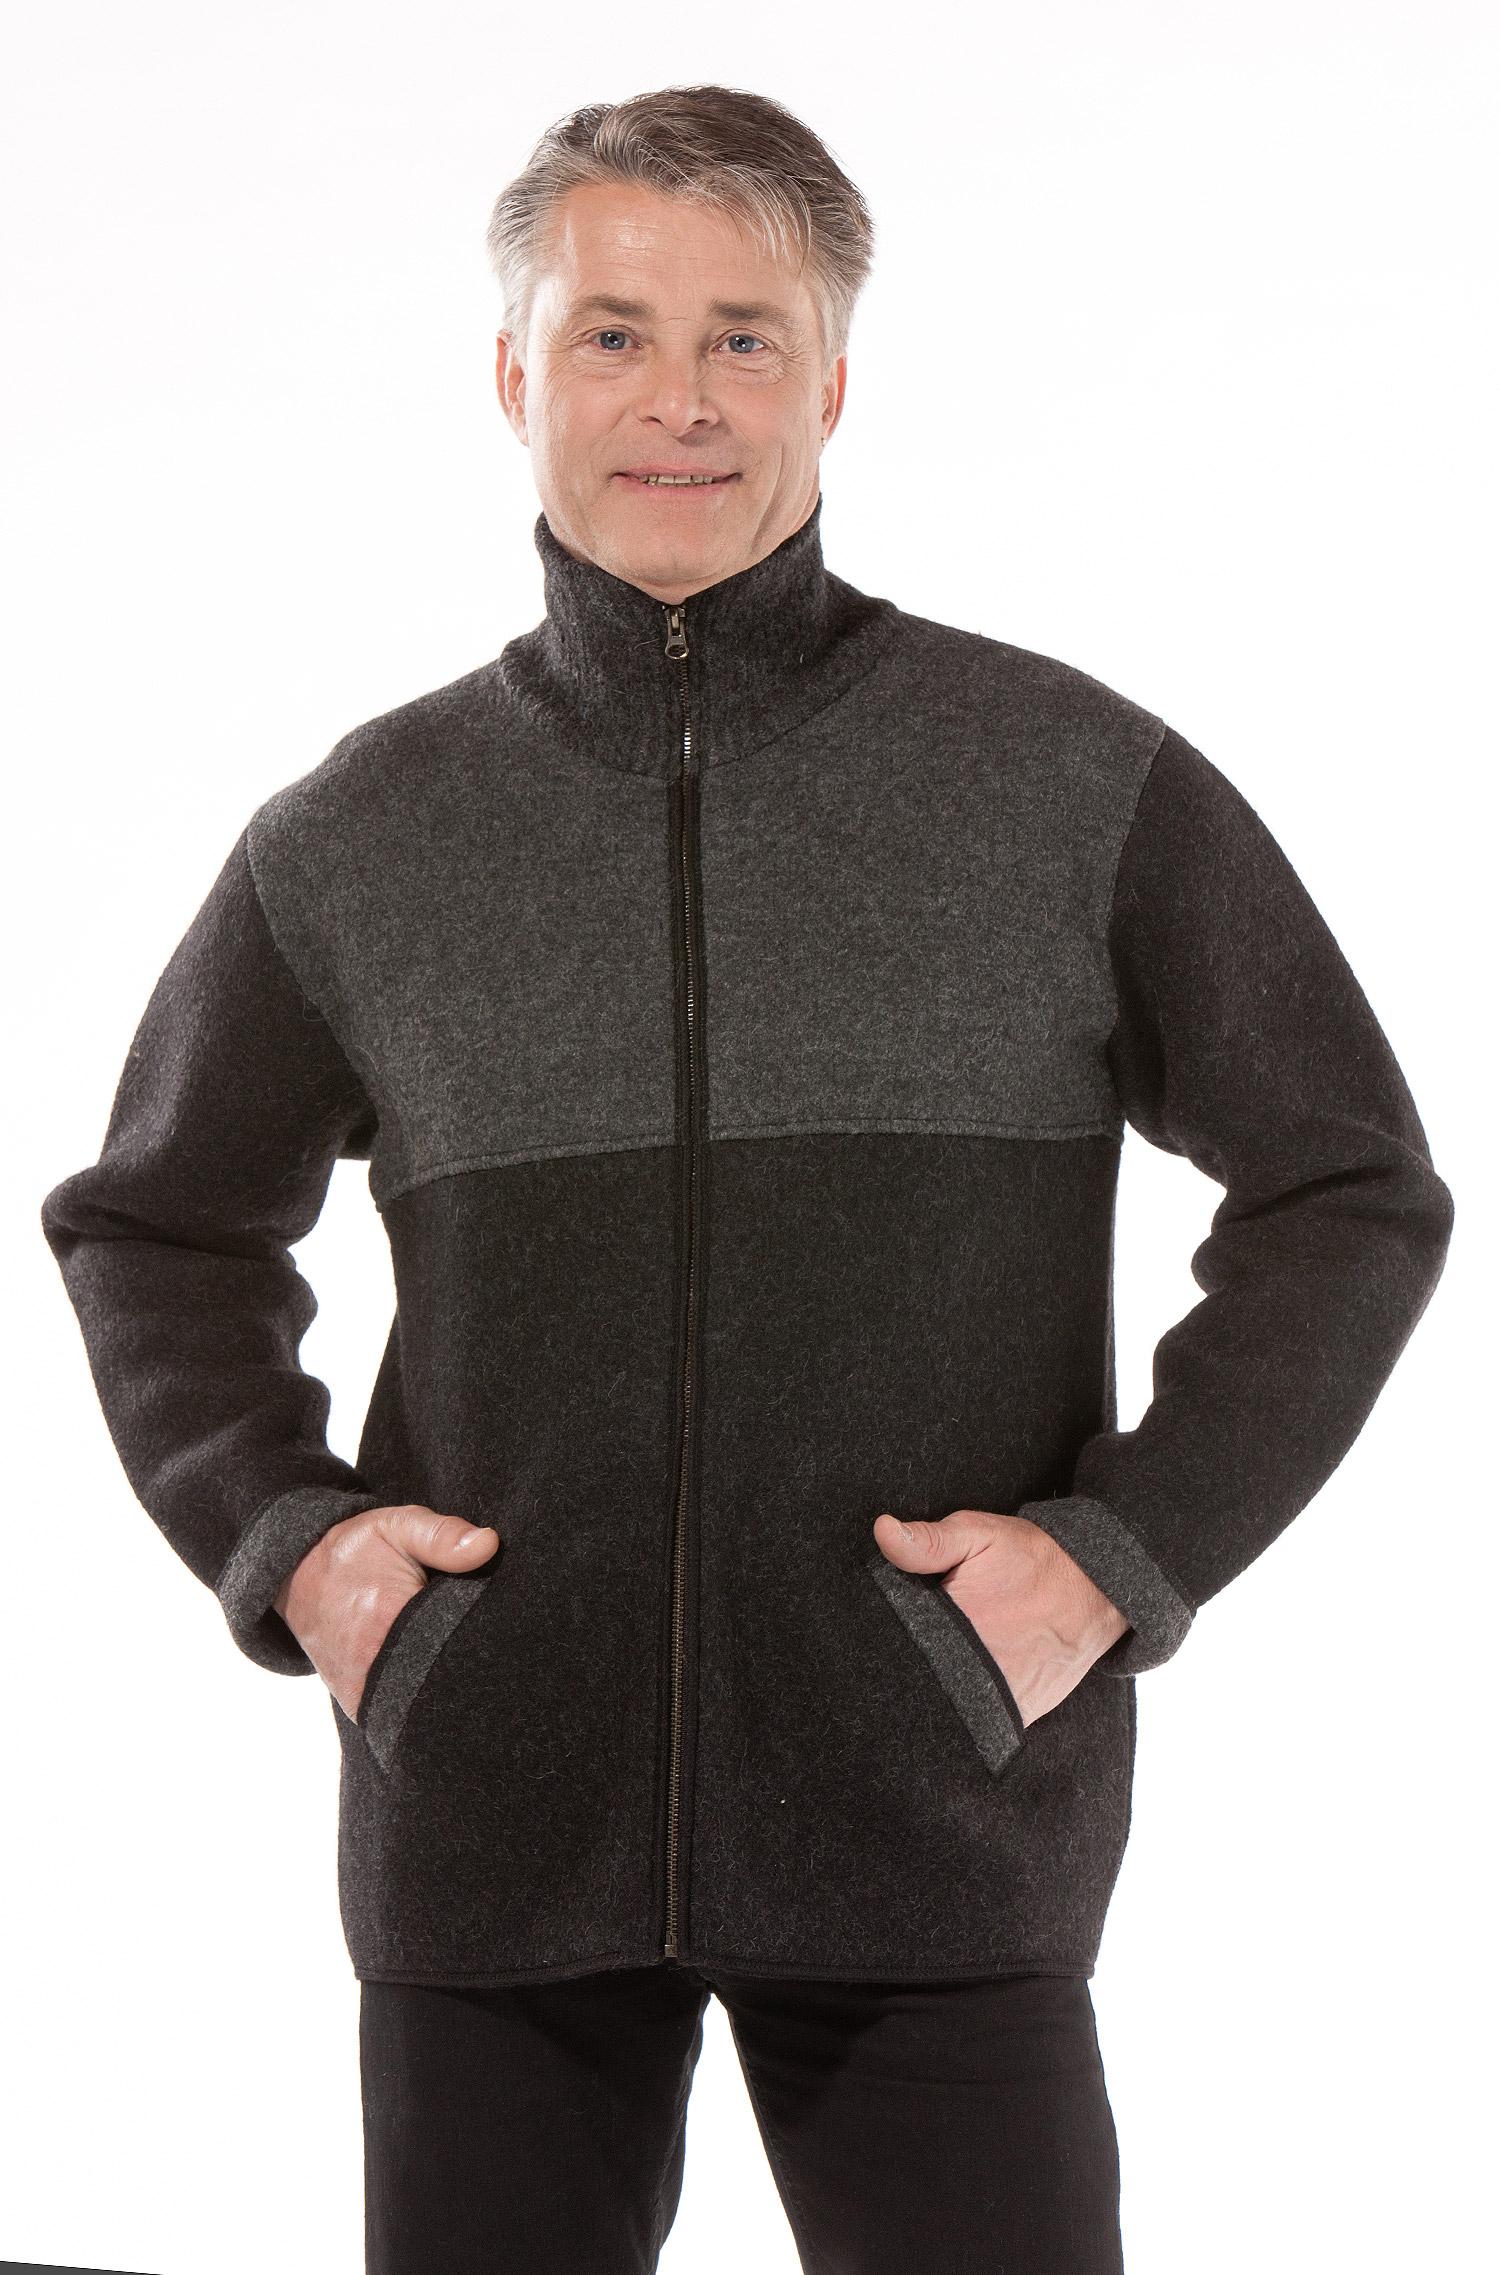 Verrassend Gevilte heren vestjas grijs - Alpaca Fashion UV-09